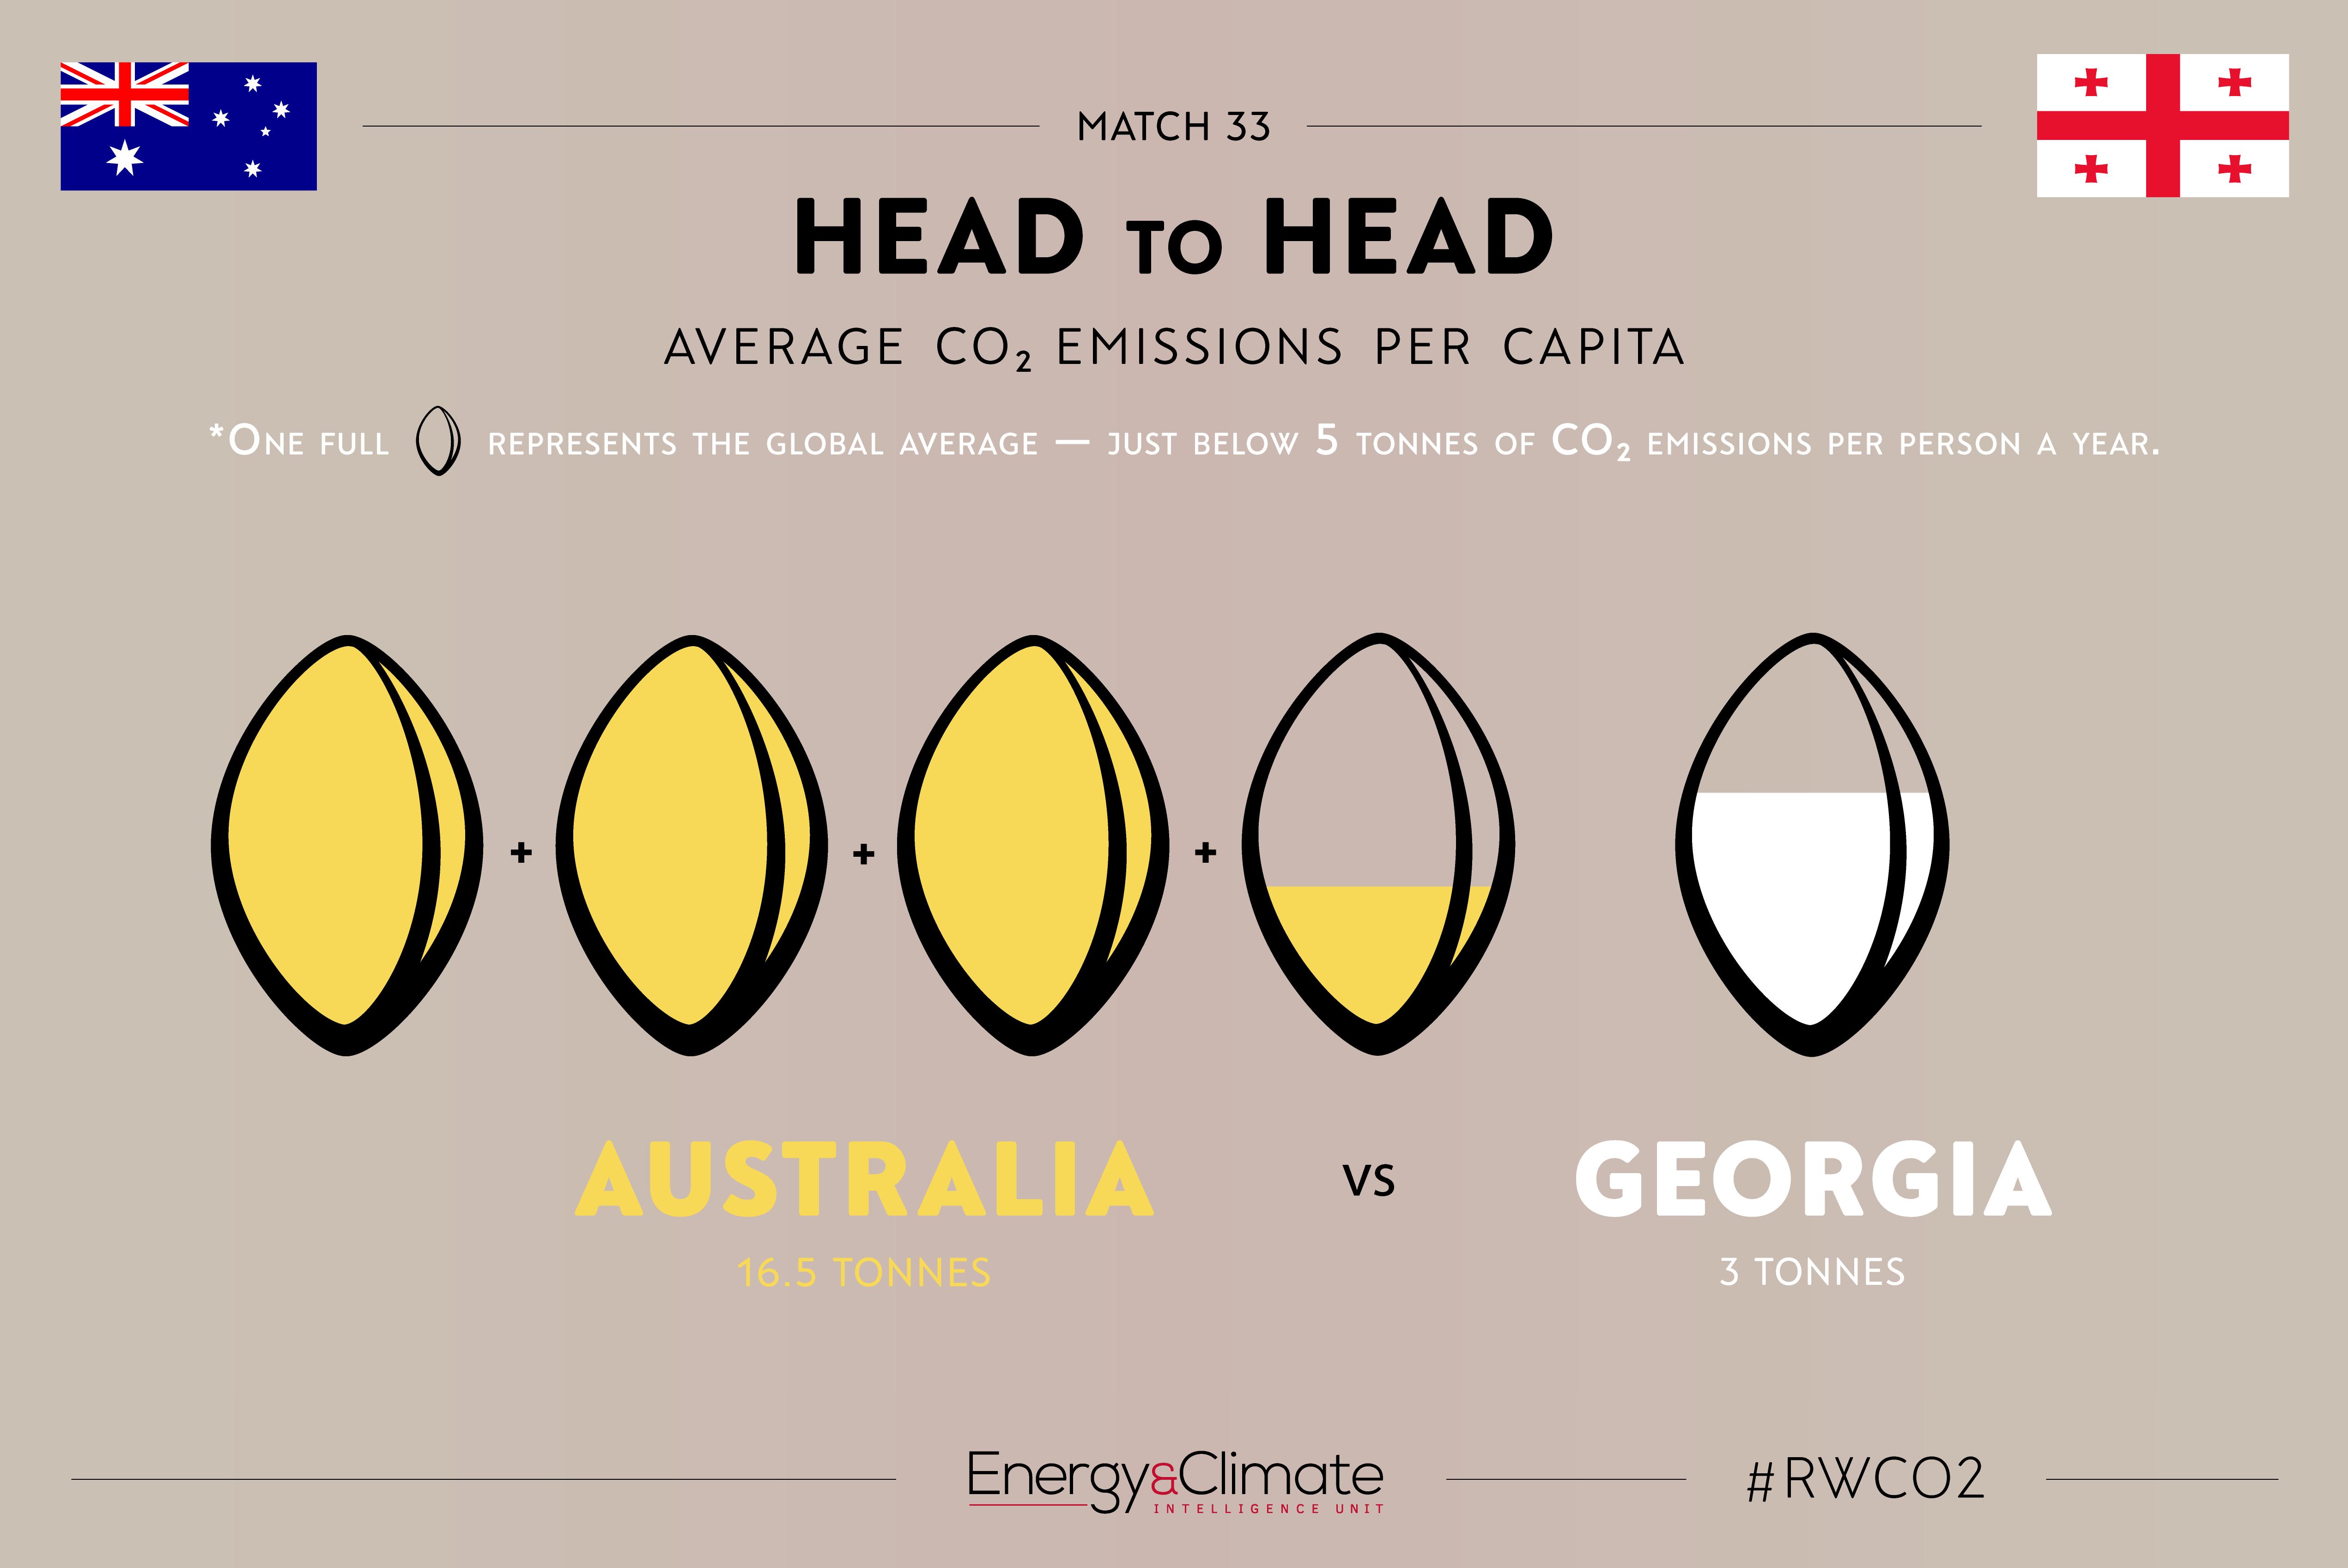 Australia v Georgia - per capita emissions